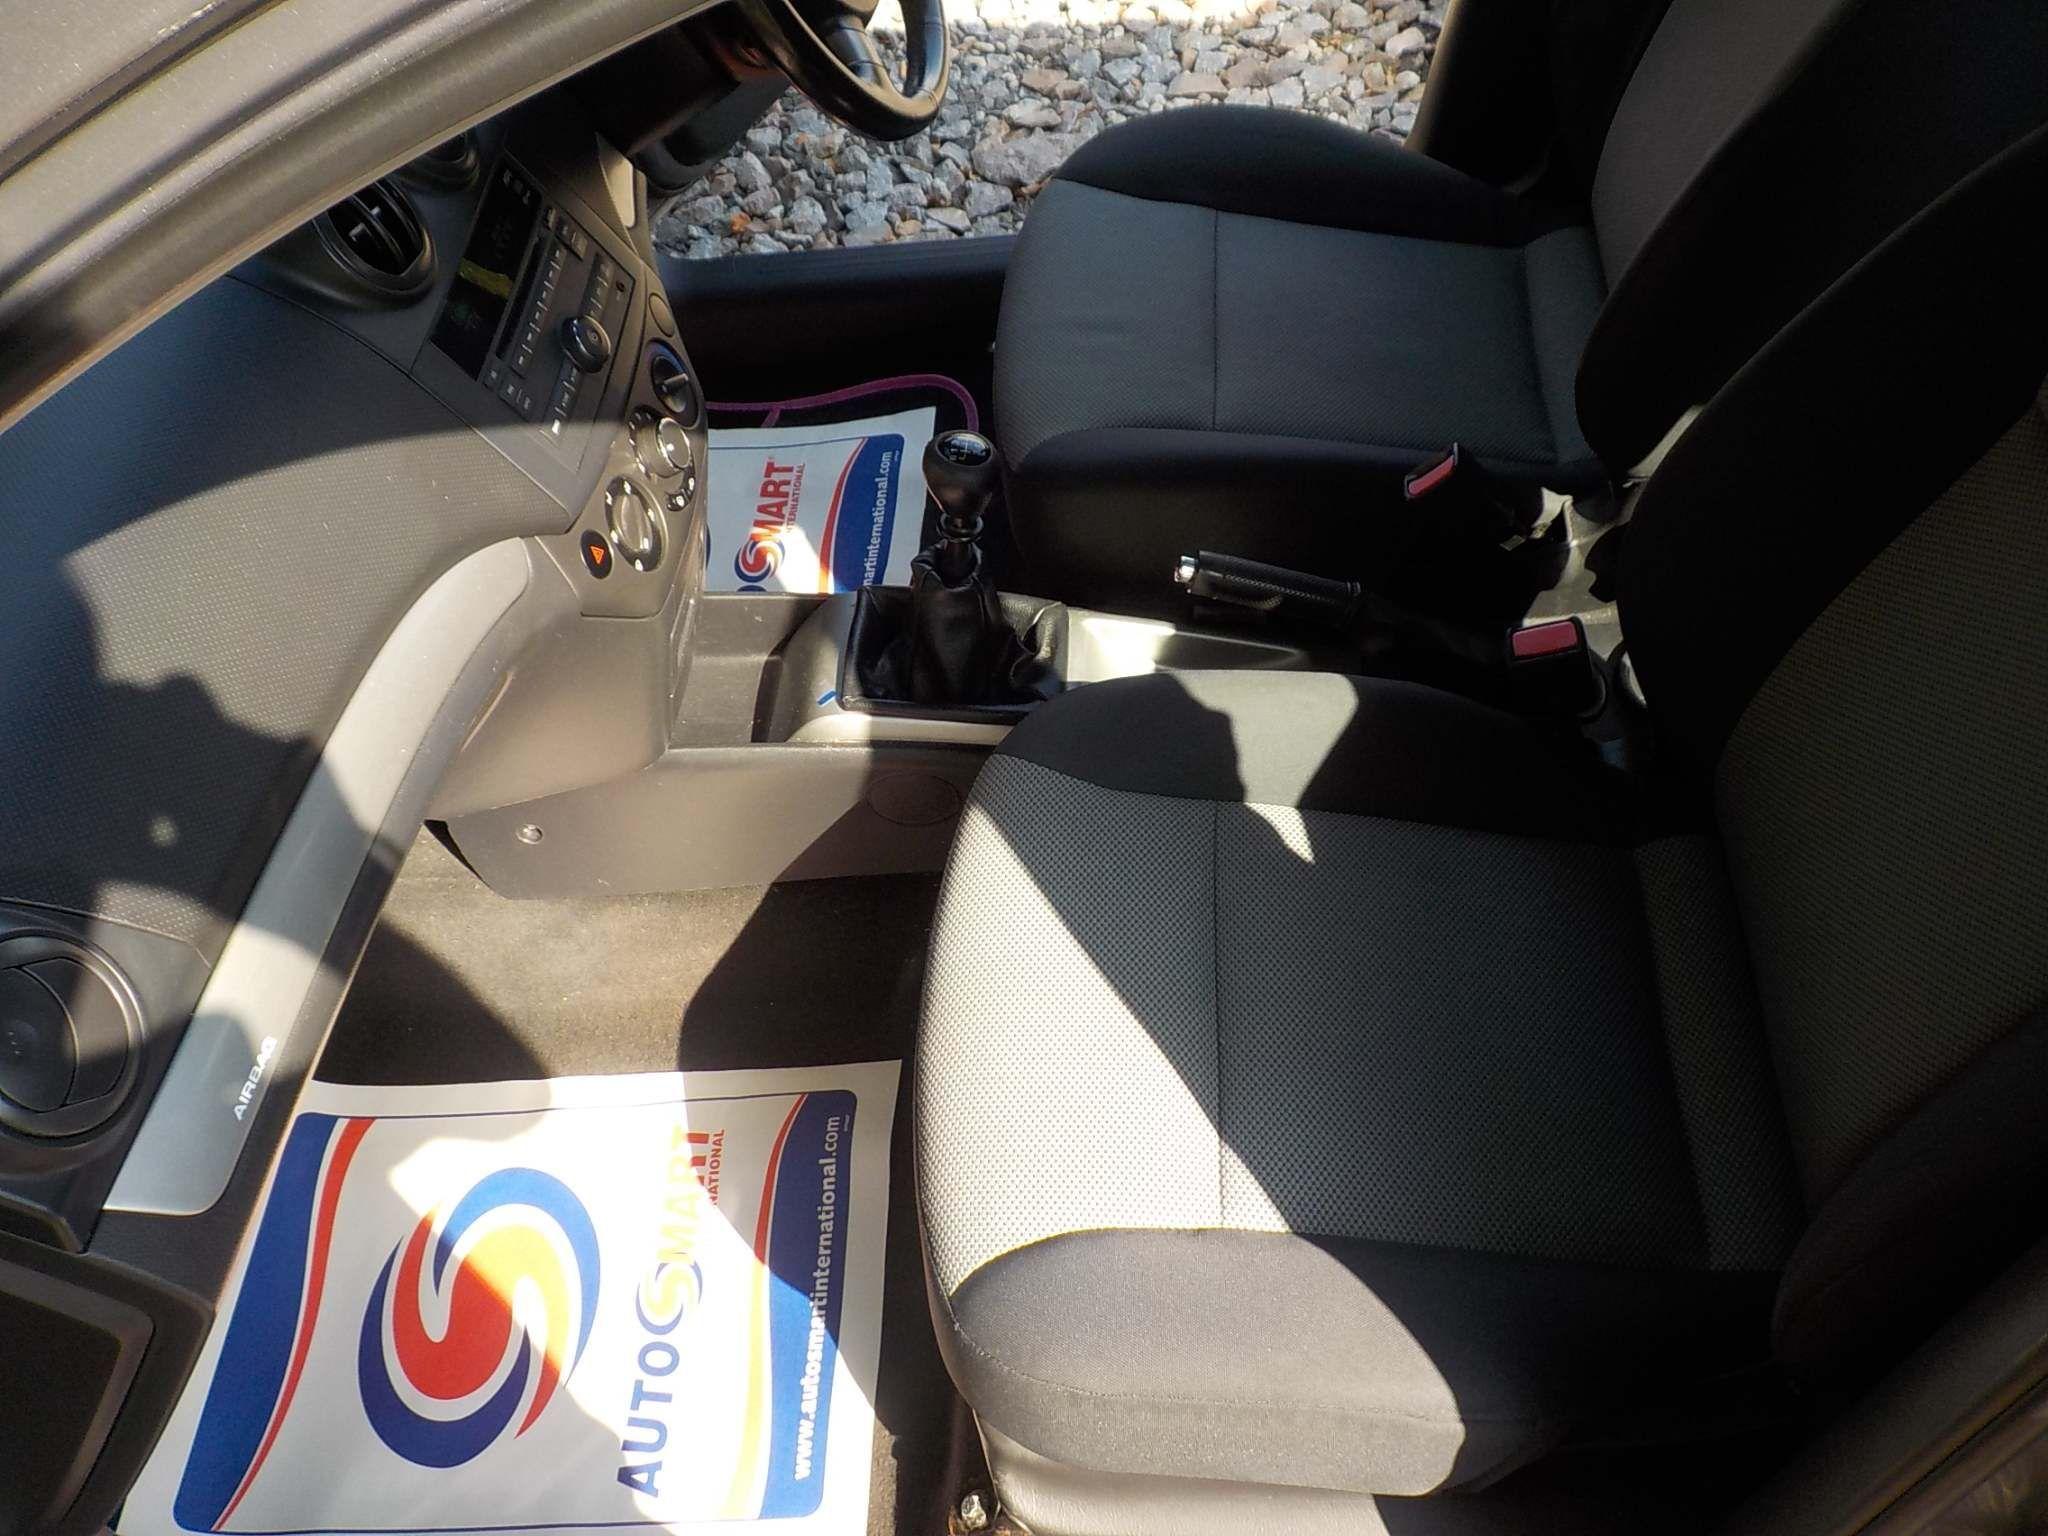 Chevrolet Aveo 1.4 LT 5dr